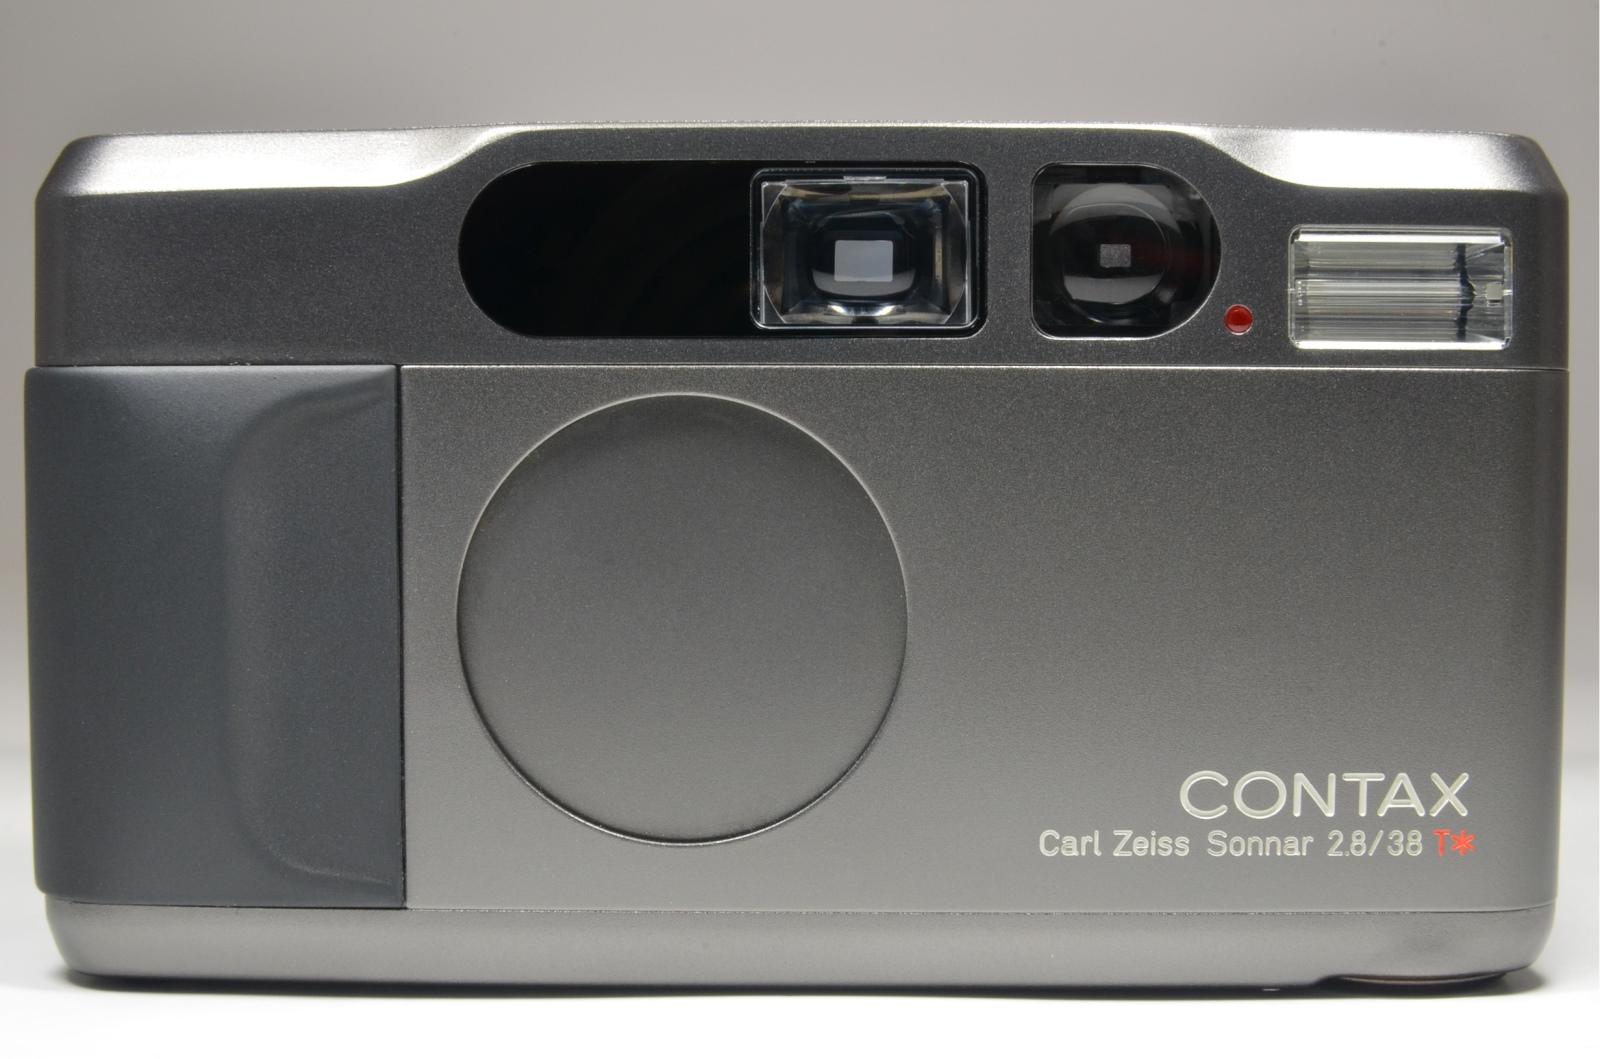 contax t2 titanium black data back p&s 35mm film camera